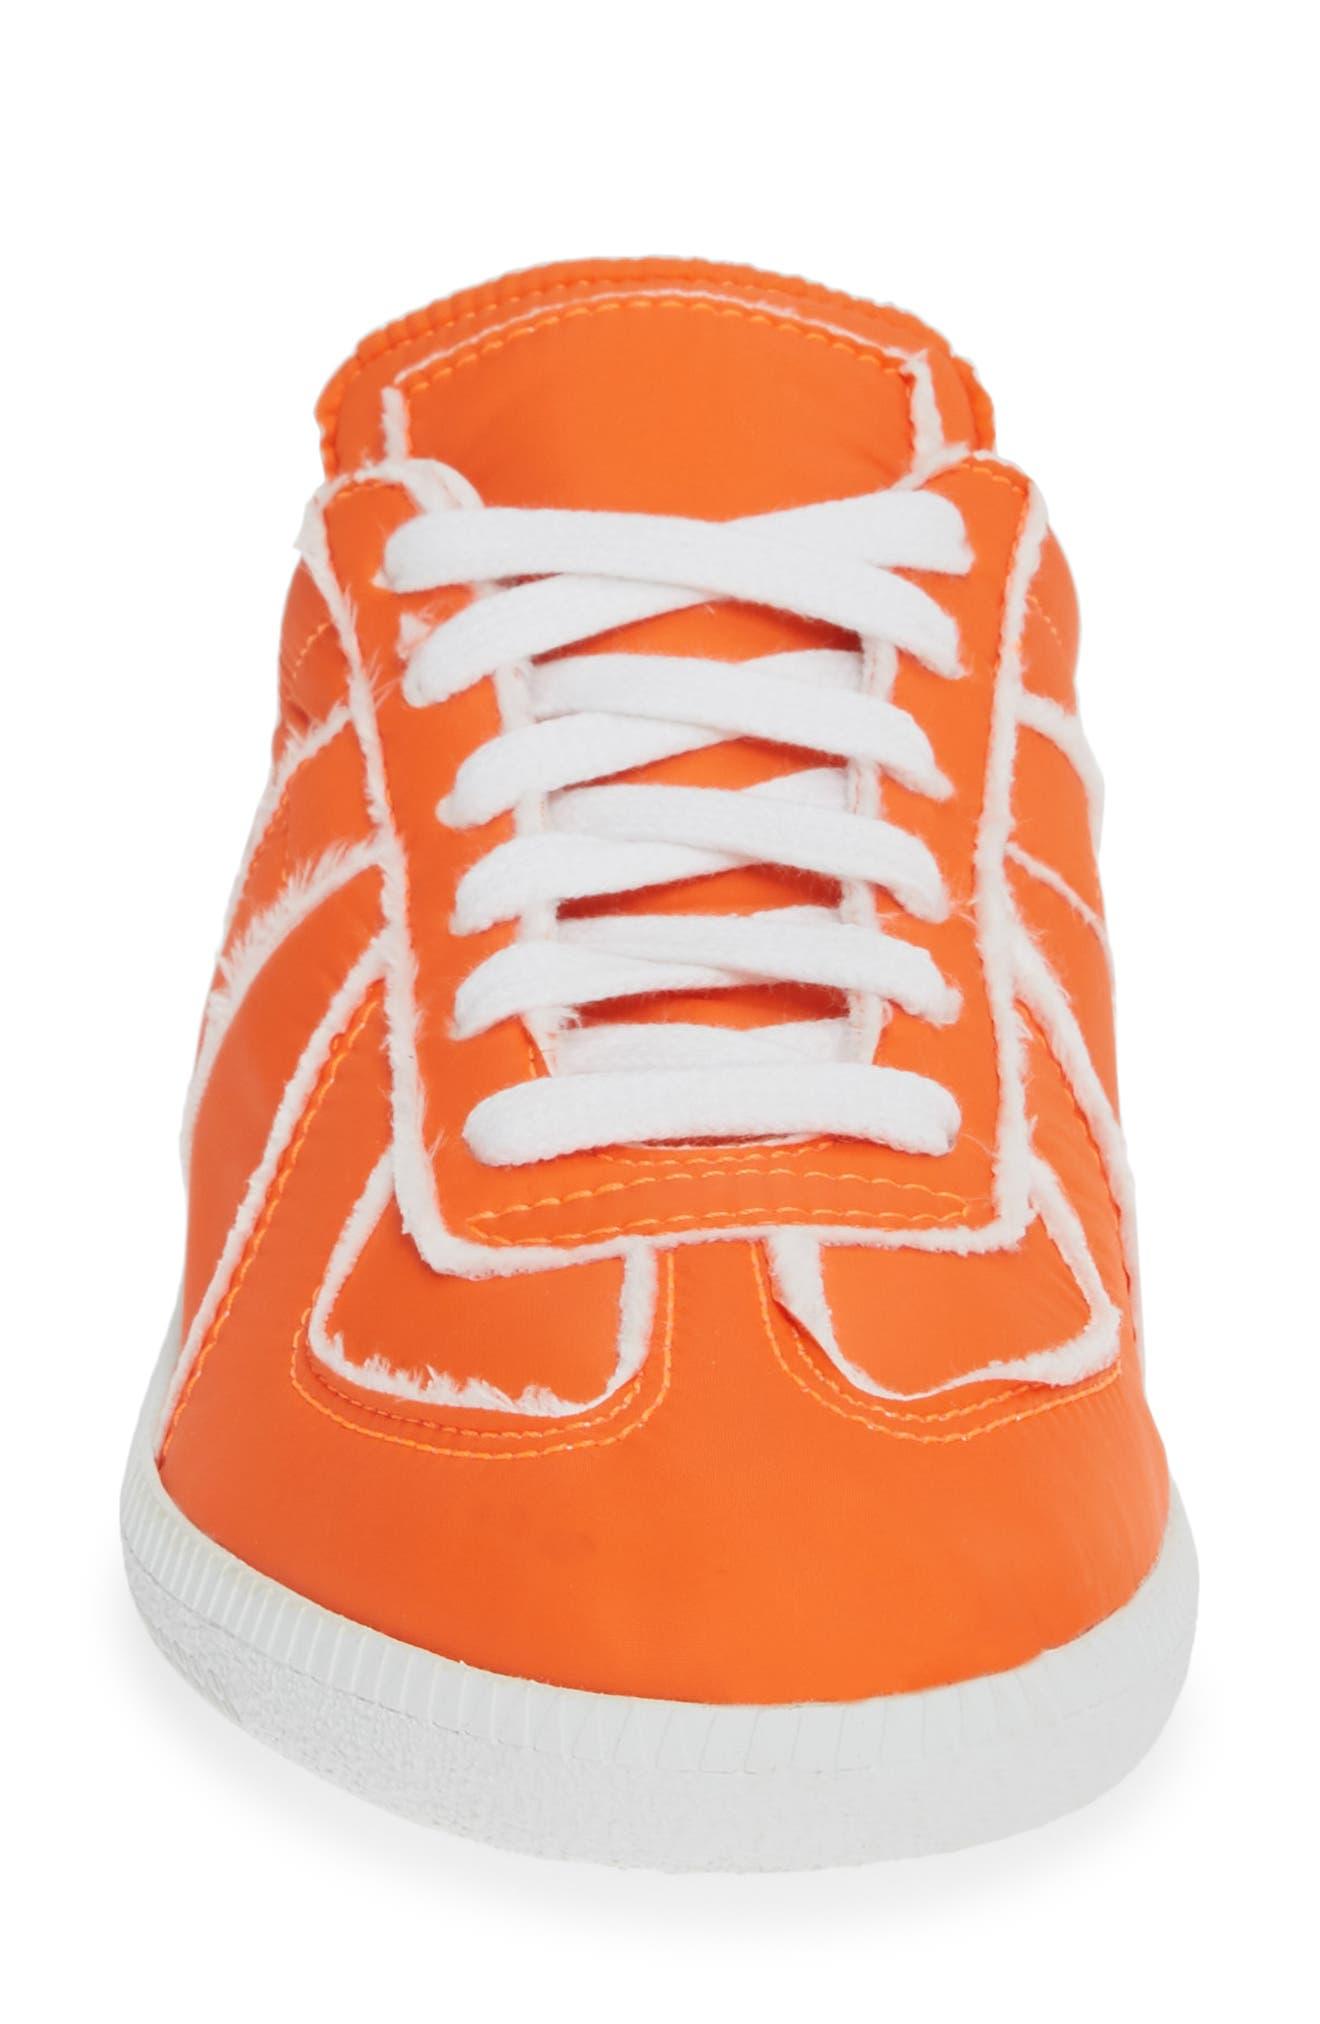 MAISON MARGIELA, Replica Lace-Up Sneaker, Alternate thumbnail 4, color, VERMILLION ORANGE